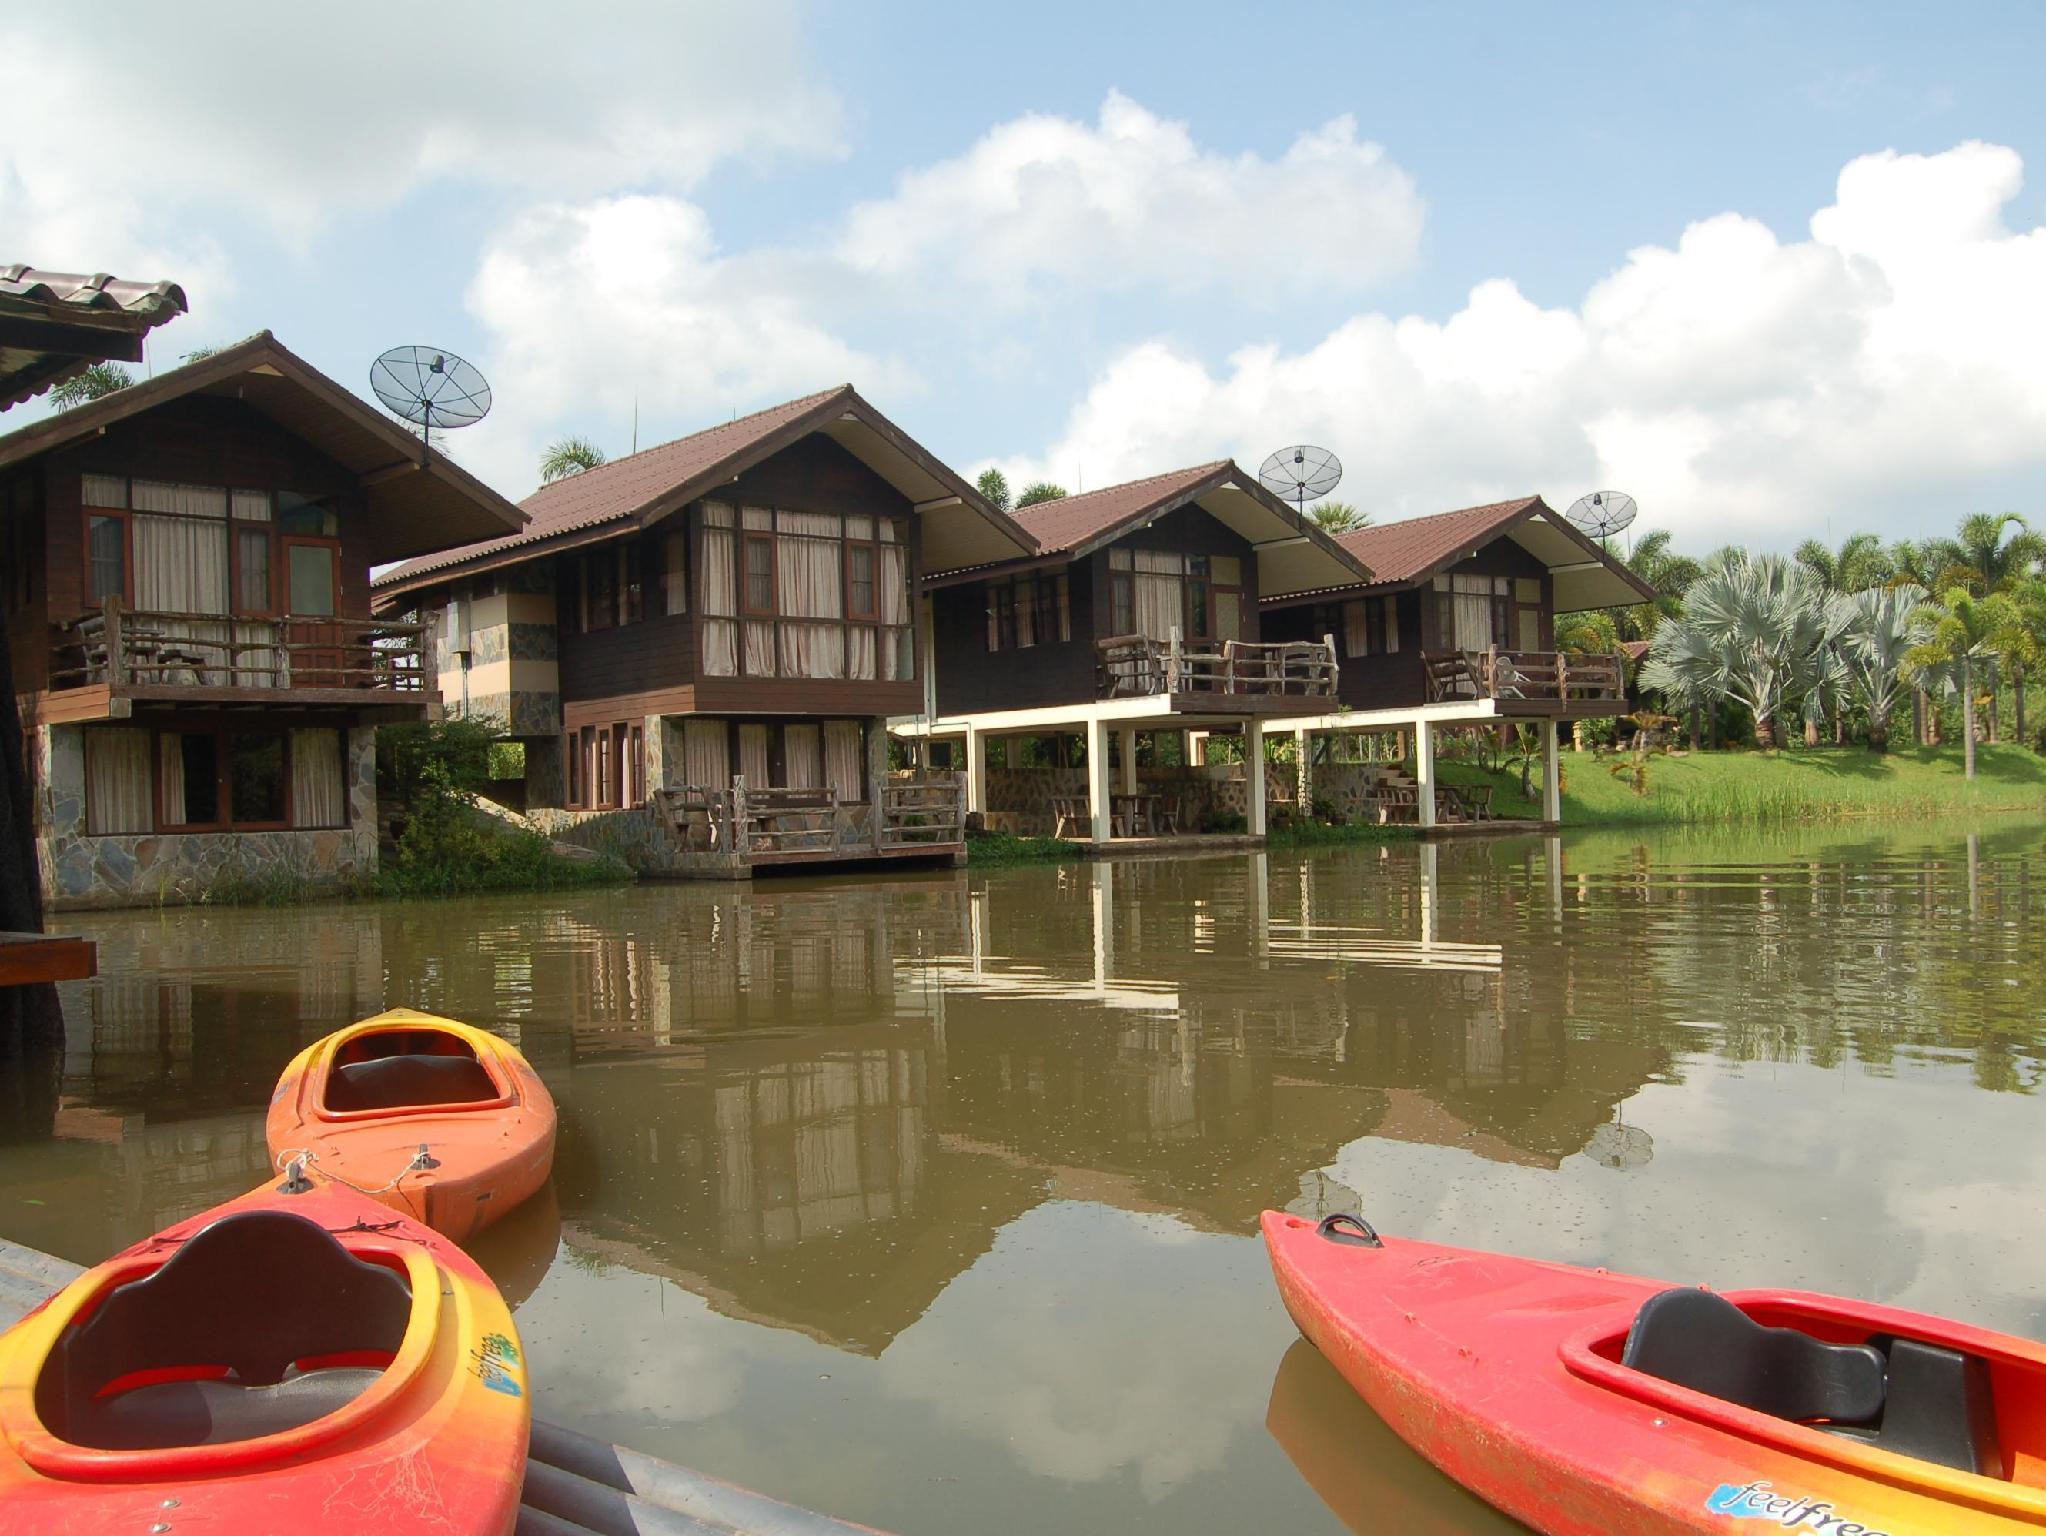 Hotell Nicslongstay Hotel i , Khao Yai / Nakhonratchasima. Klicka för att läsa mer och skicka bokningsförfrågan